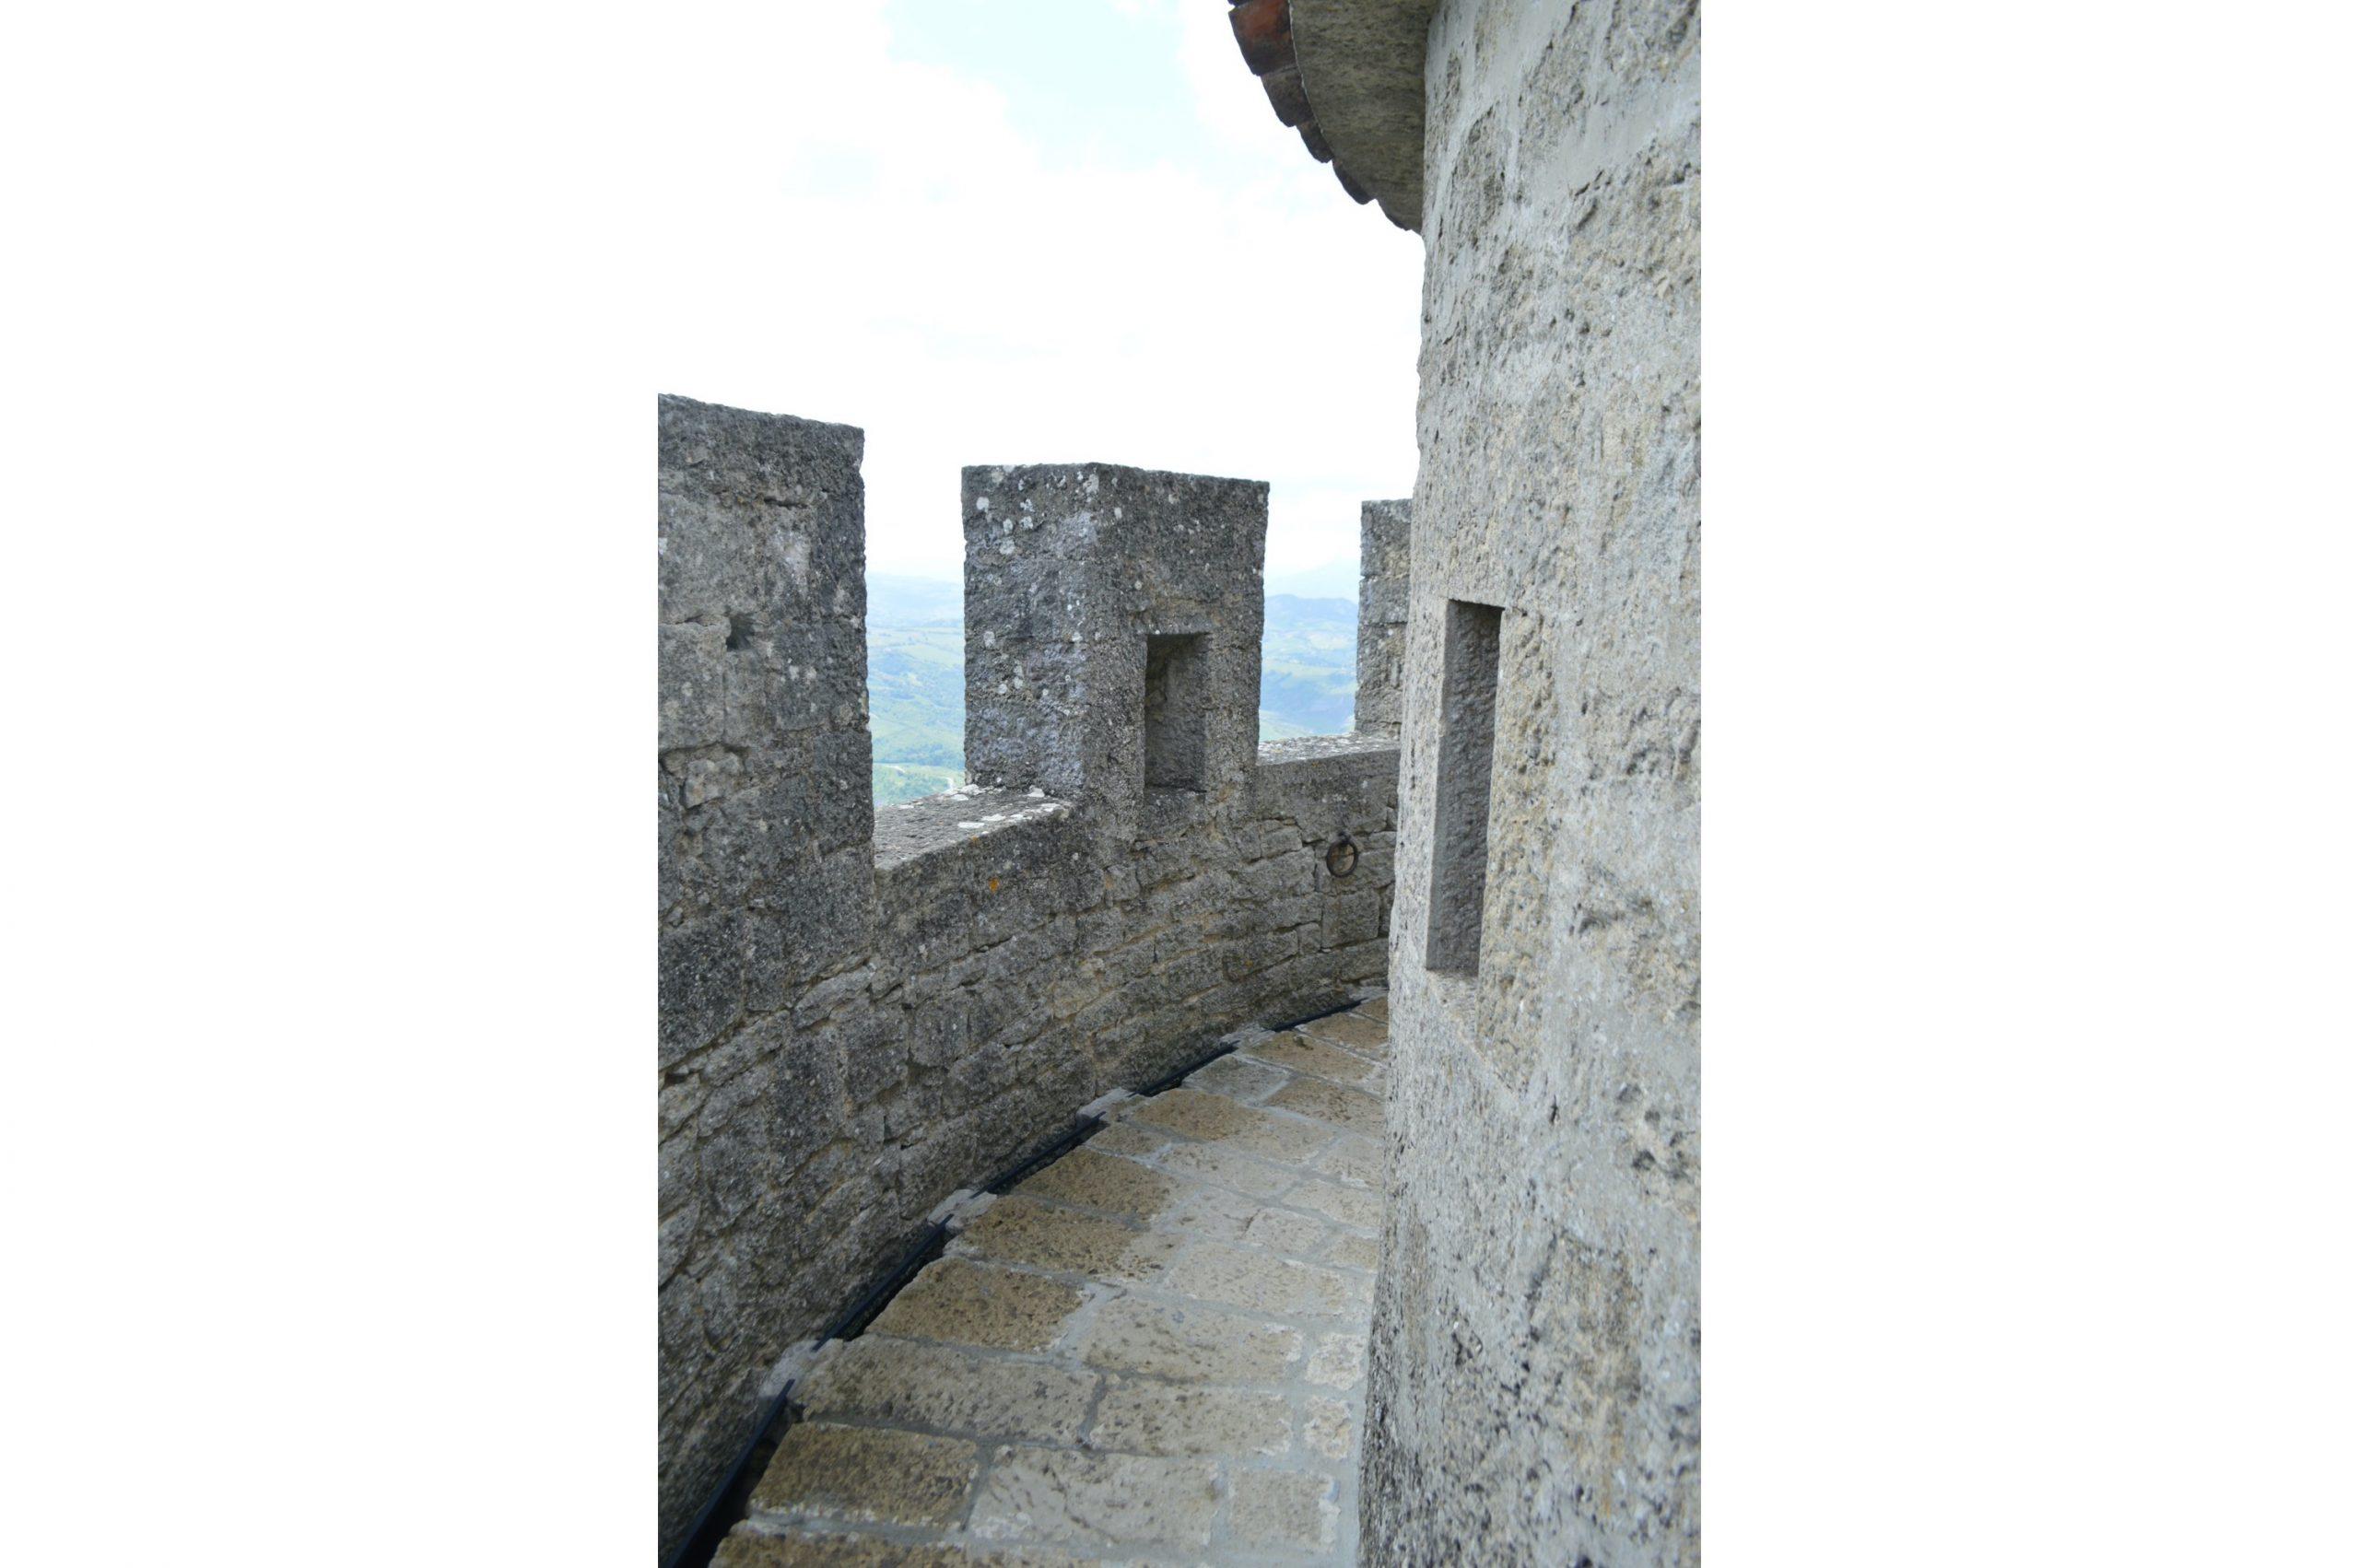 Bordeando la Segunda Torre (Fratta)